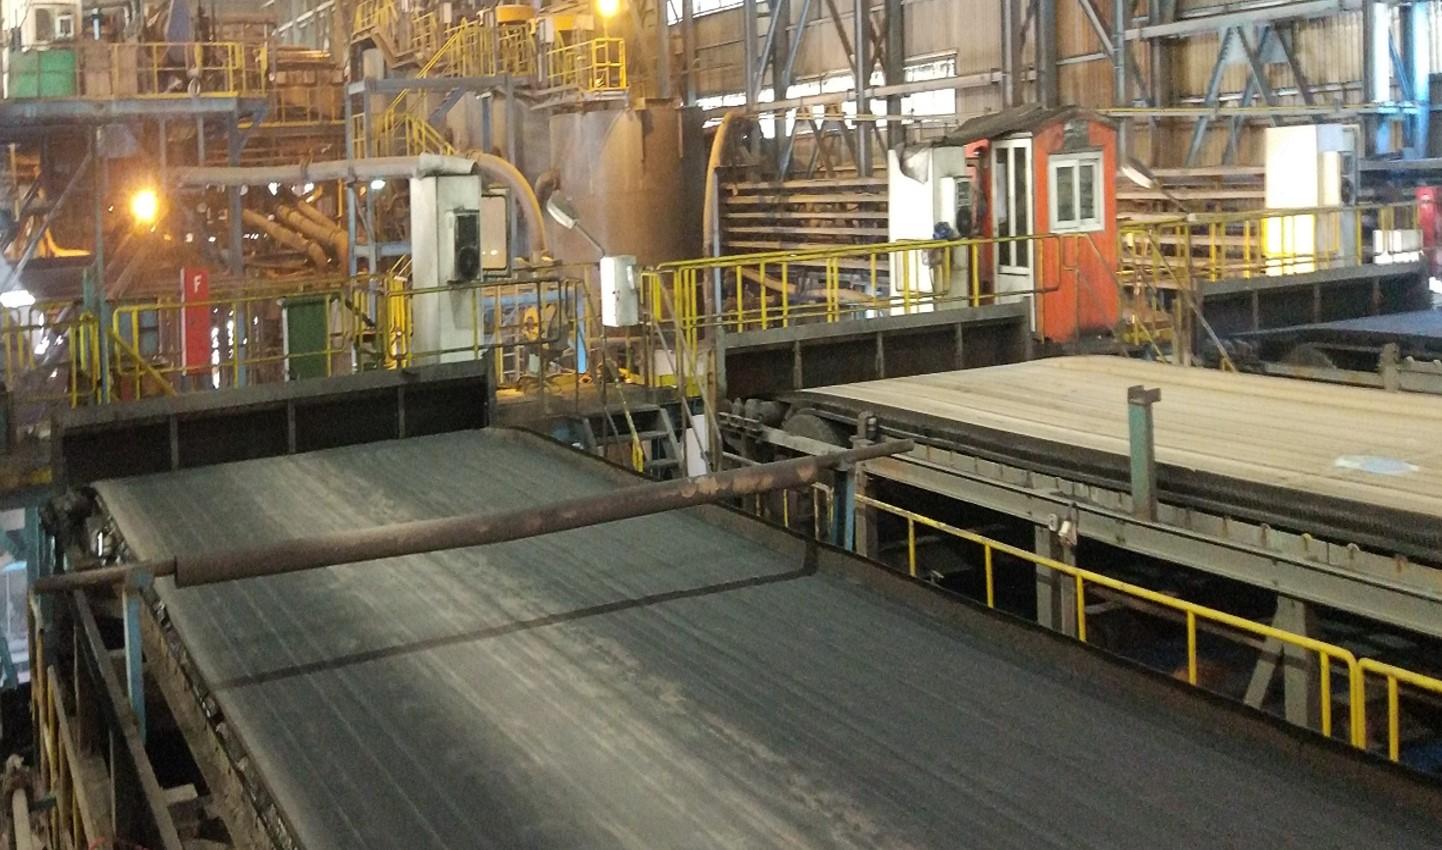 جلسه هفتگی استانداردسازی فرآیندها در کارخانه های گل گهر:بررسی فیلتر نواری خطوط ۶،۵ و۷ تولید کنسانتره